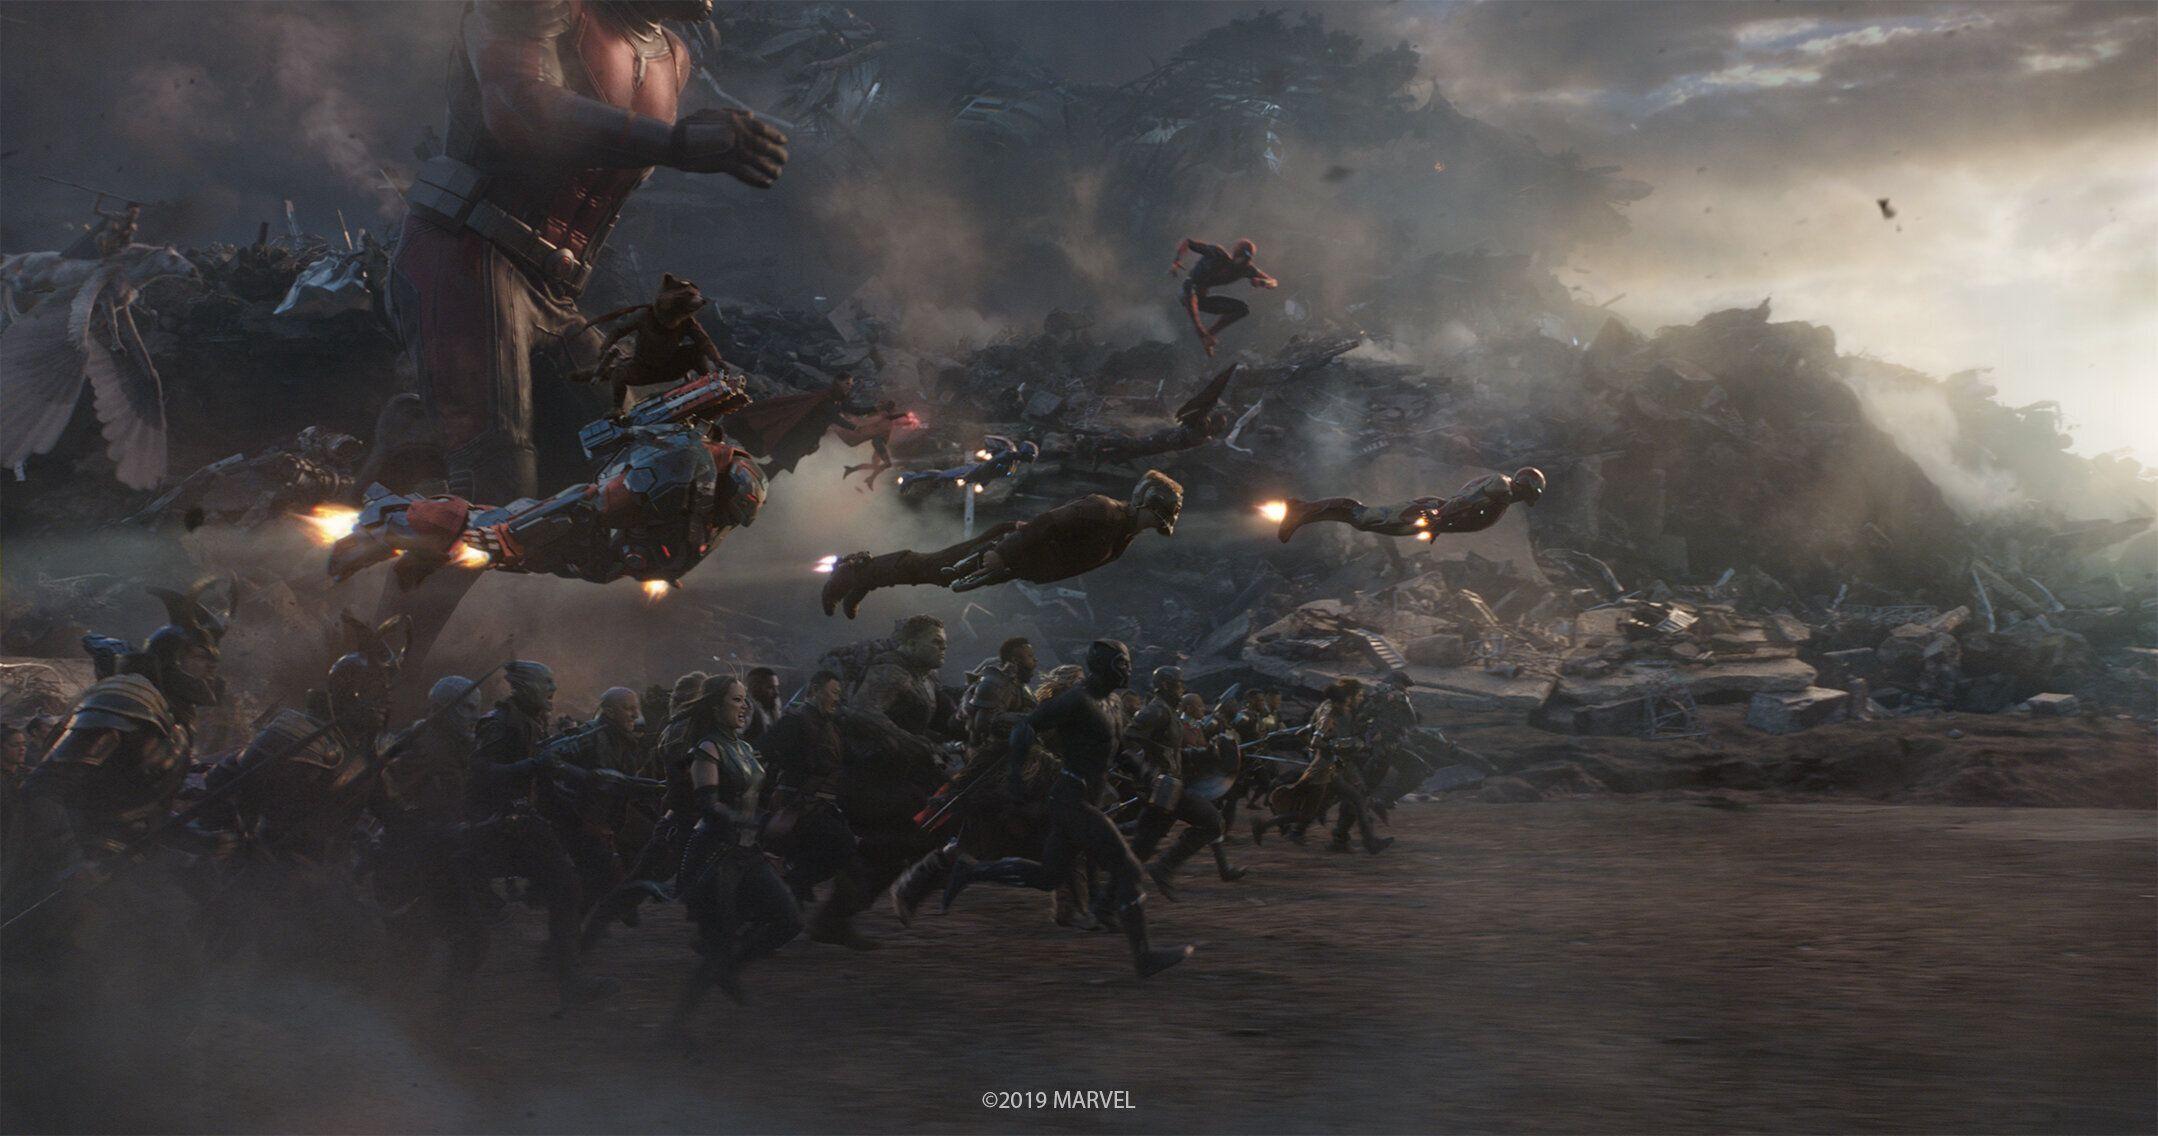 AVENGERS ENDGAME Spoiler VFX Stills Highlight Hulk's New